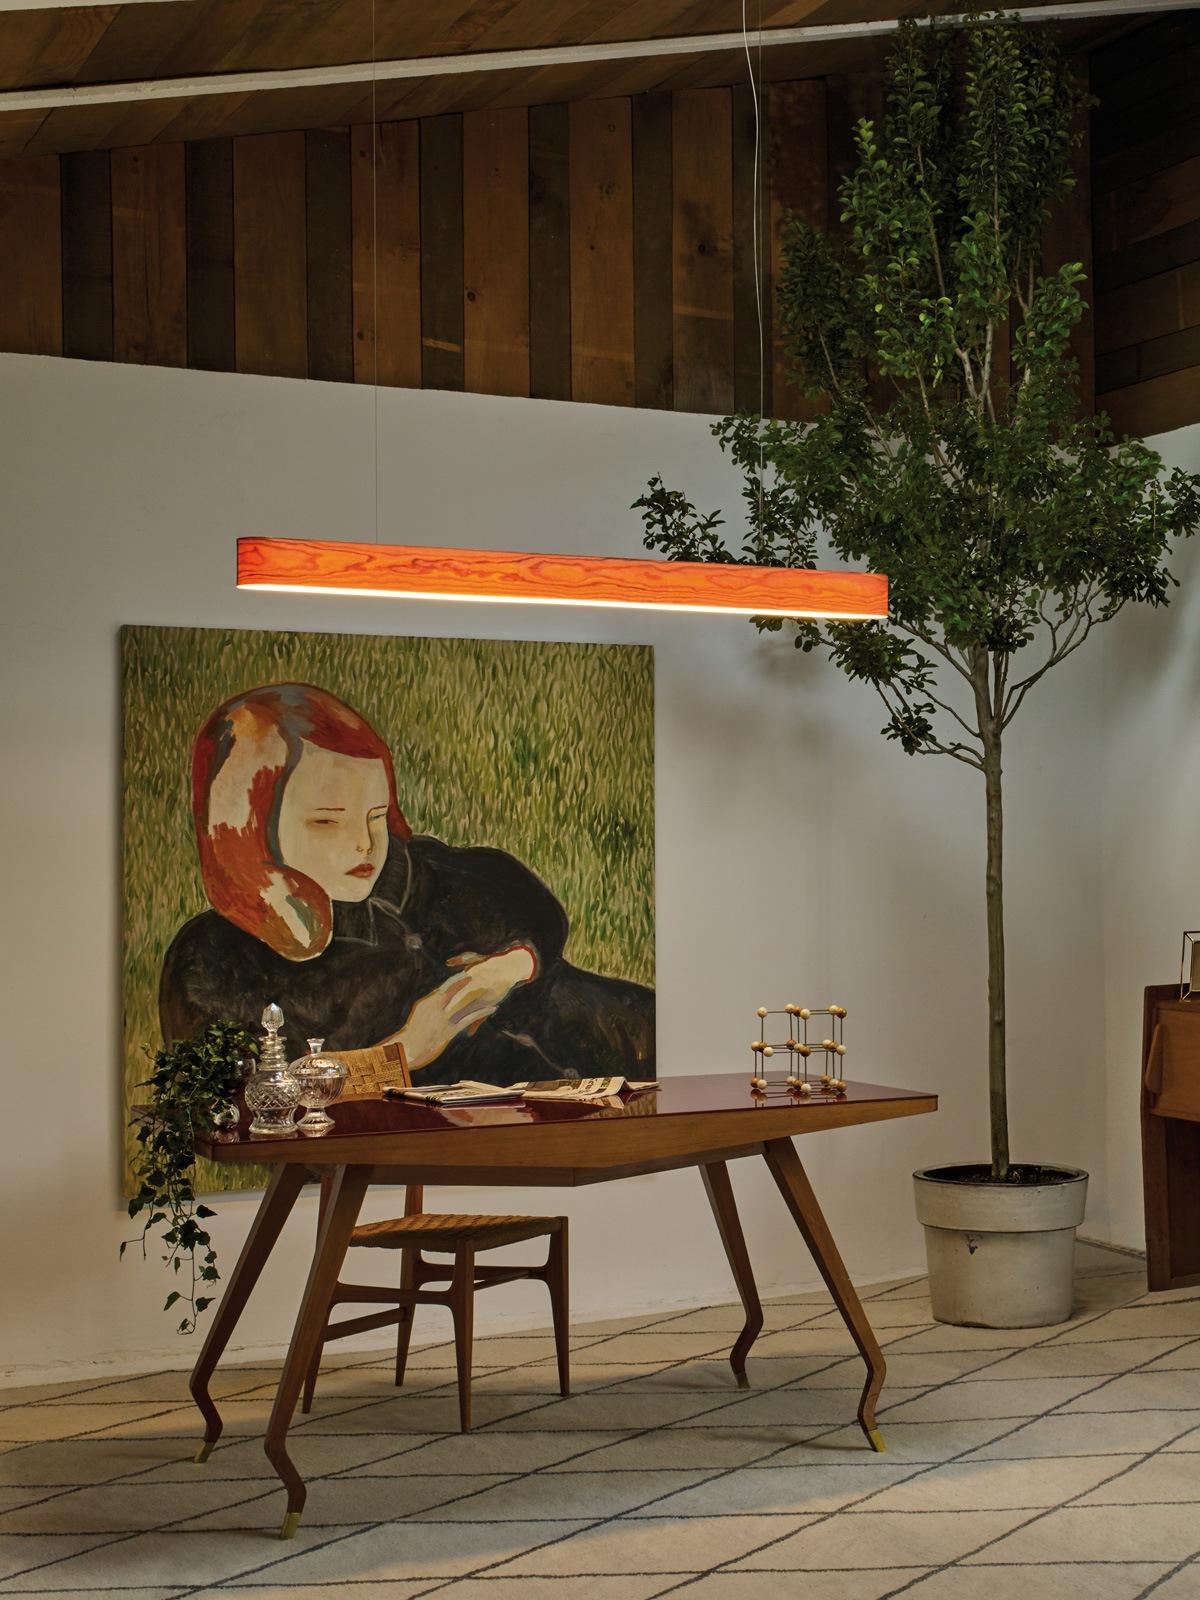 I Club lange Pendelleuchte LZF Lamps Holzlampen DesignOrt Berlin Onlineshop und Lampenladen